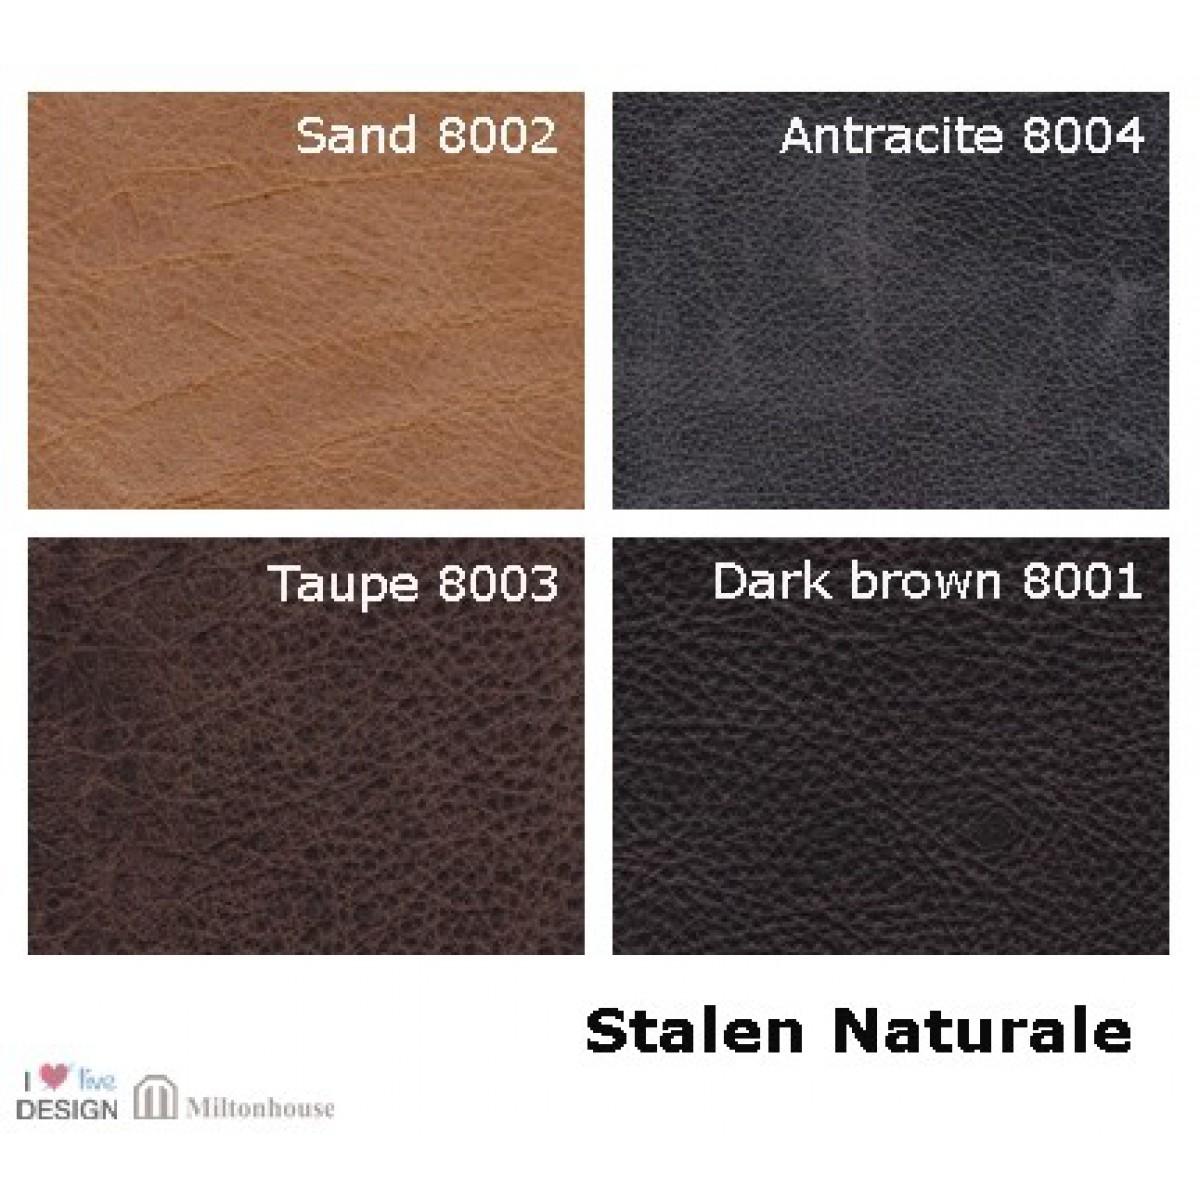 Leder_stalen_naturale